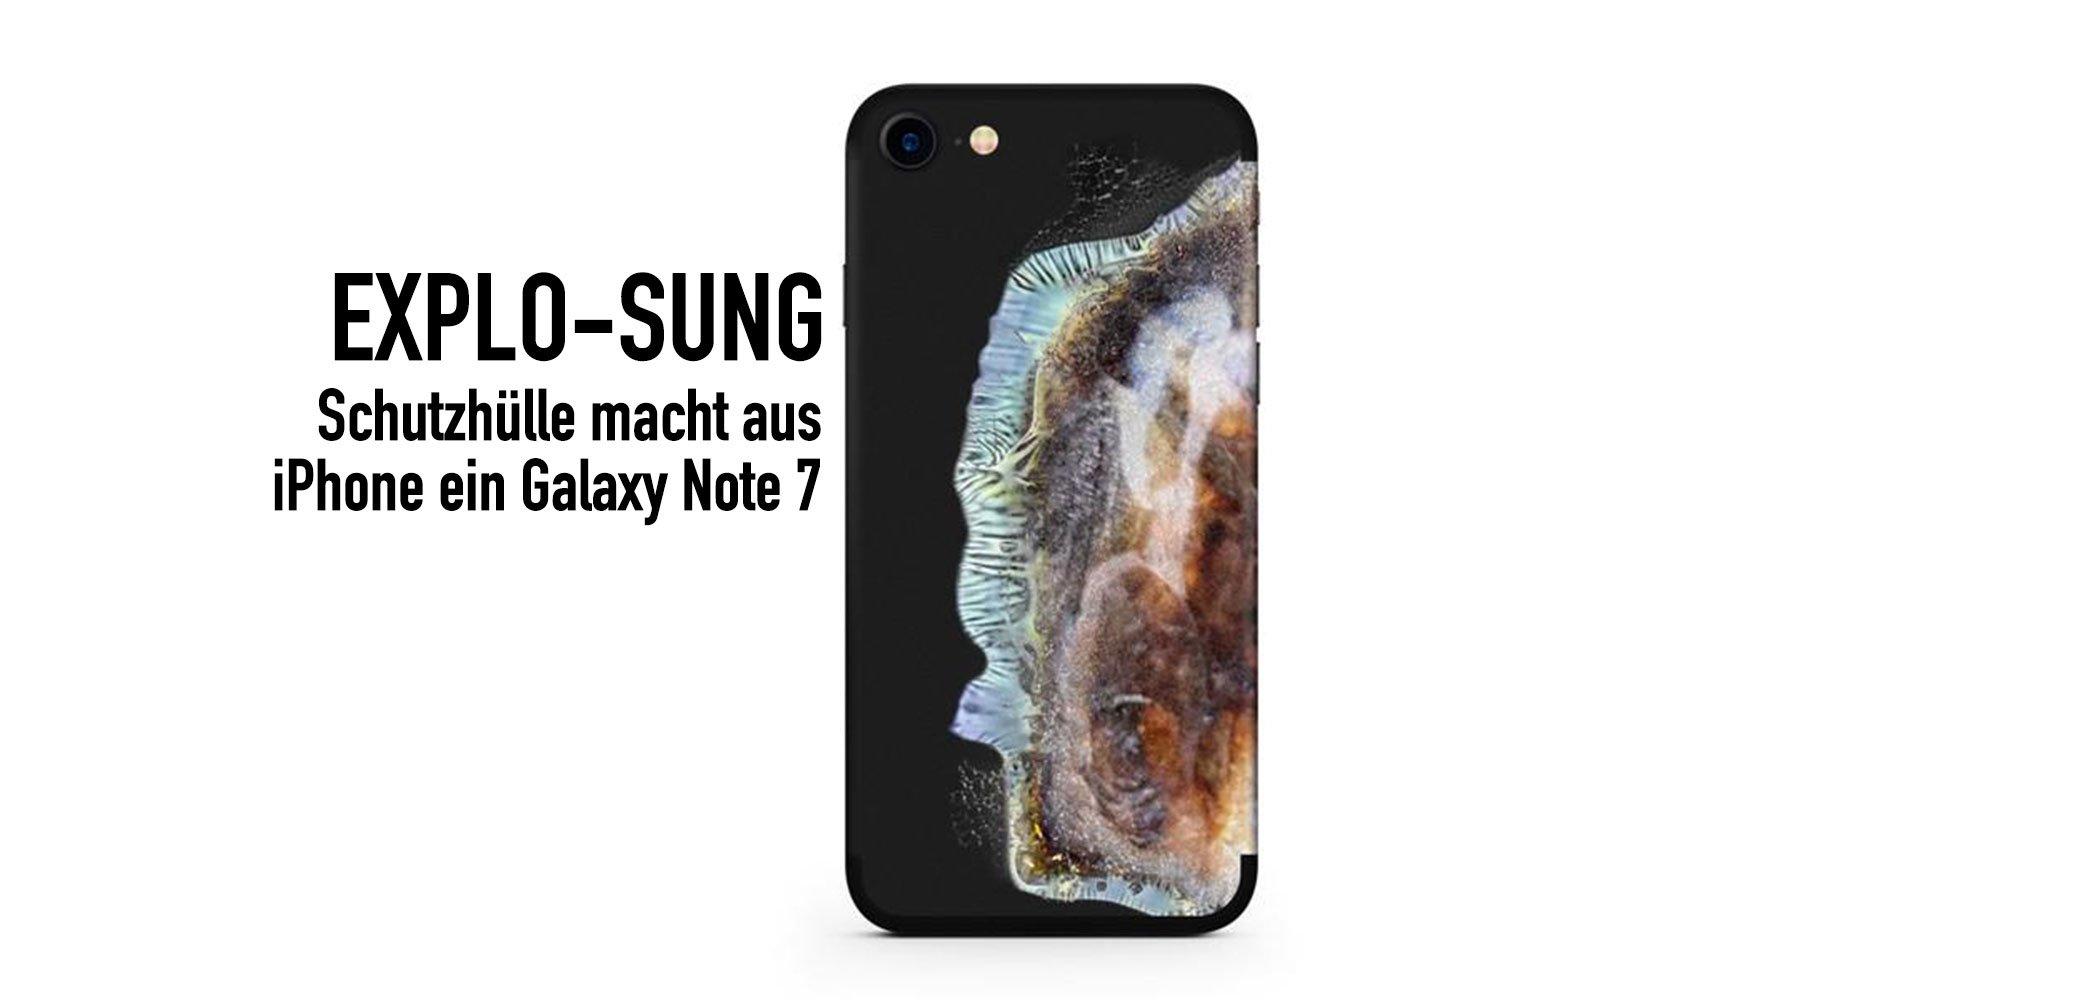 Explo-Sung Hülle macht aus iPhone 7 ein explodiertes Galaxy Note 7 9